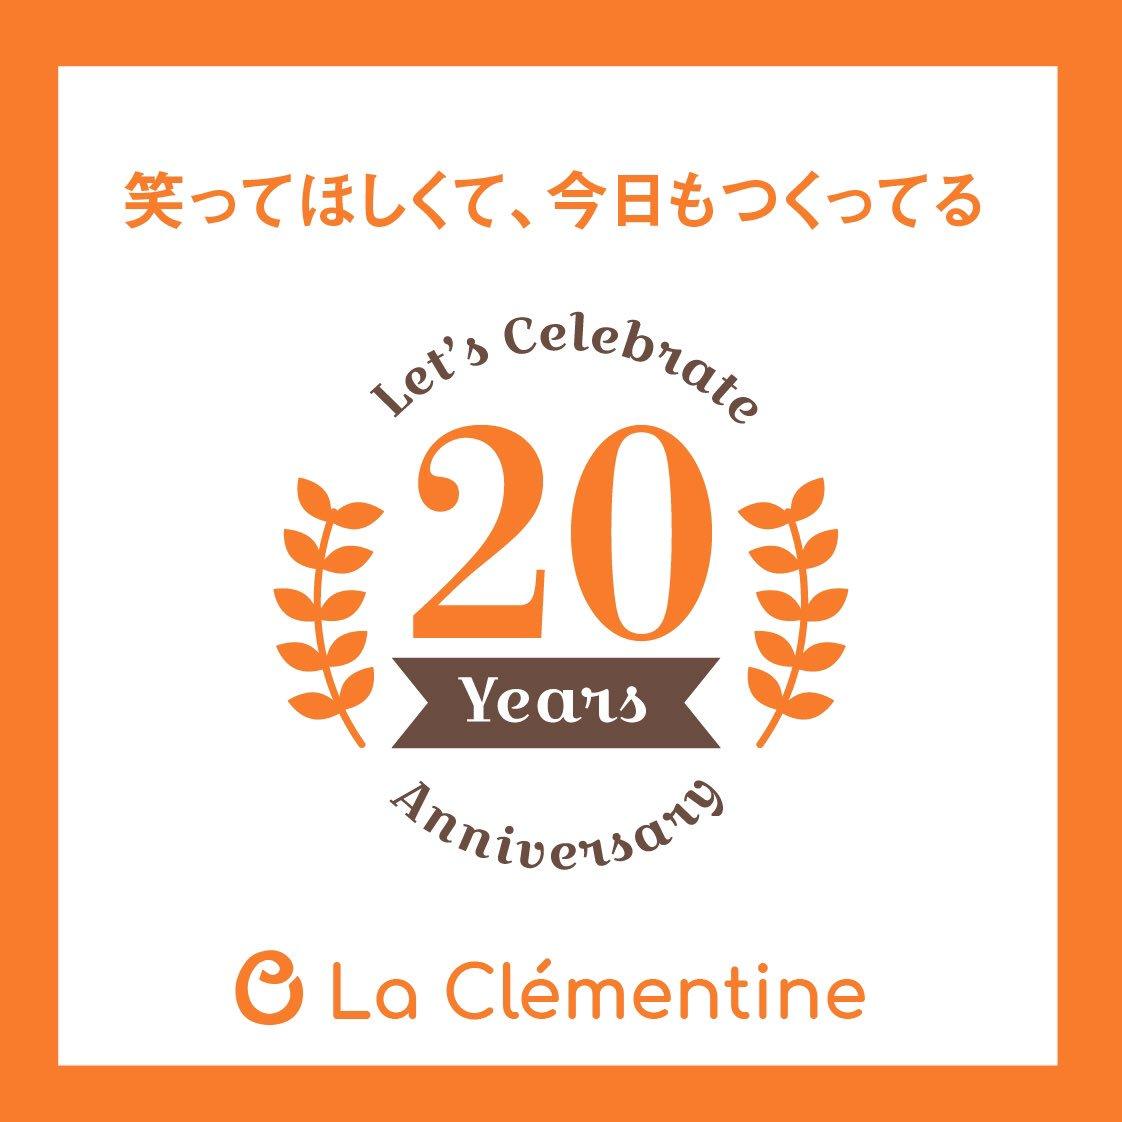 ラ・クレマンティーヌは2019年9月25日でちょうど20年。